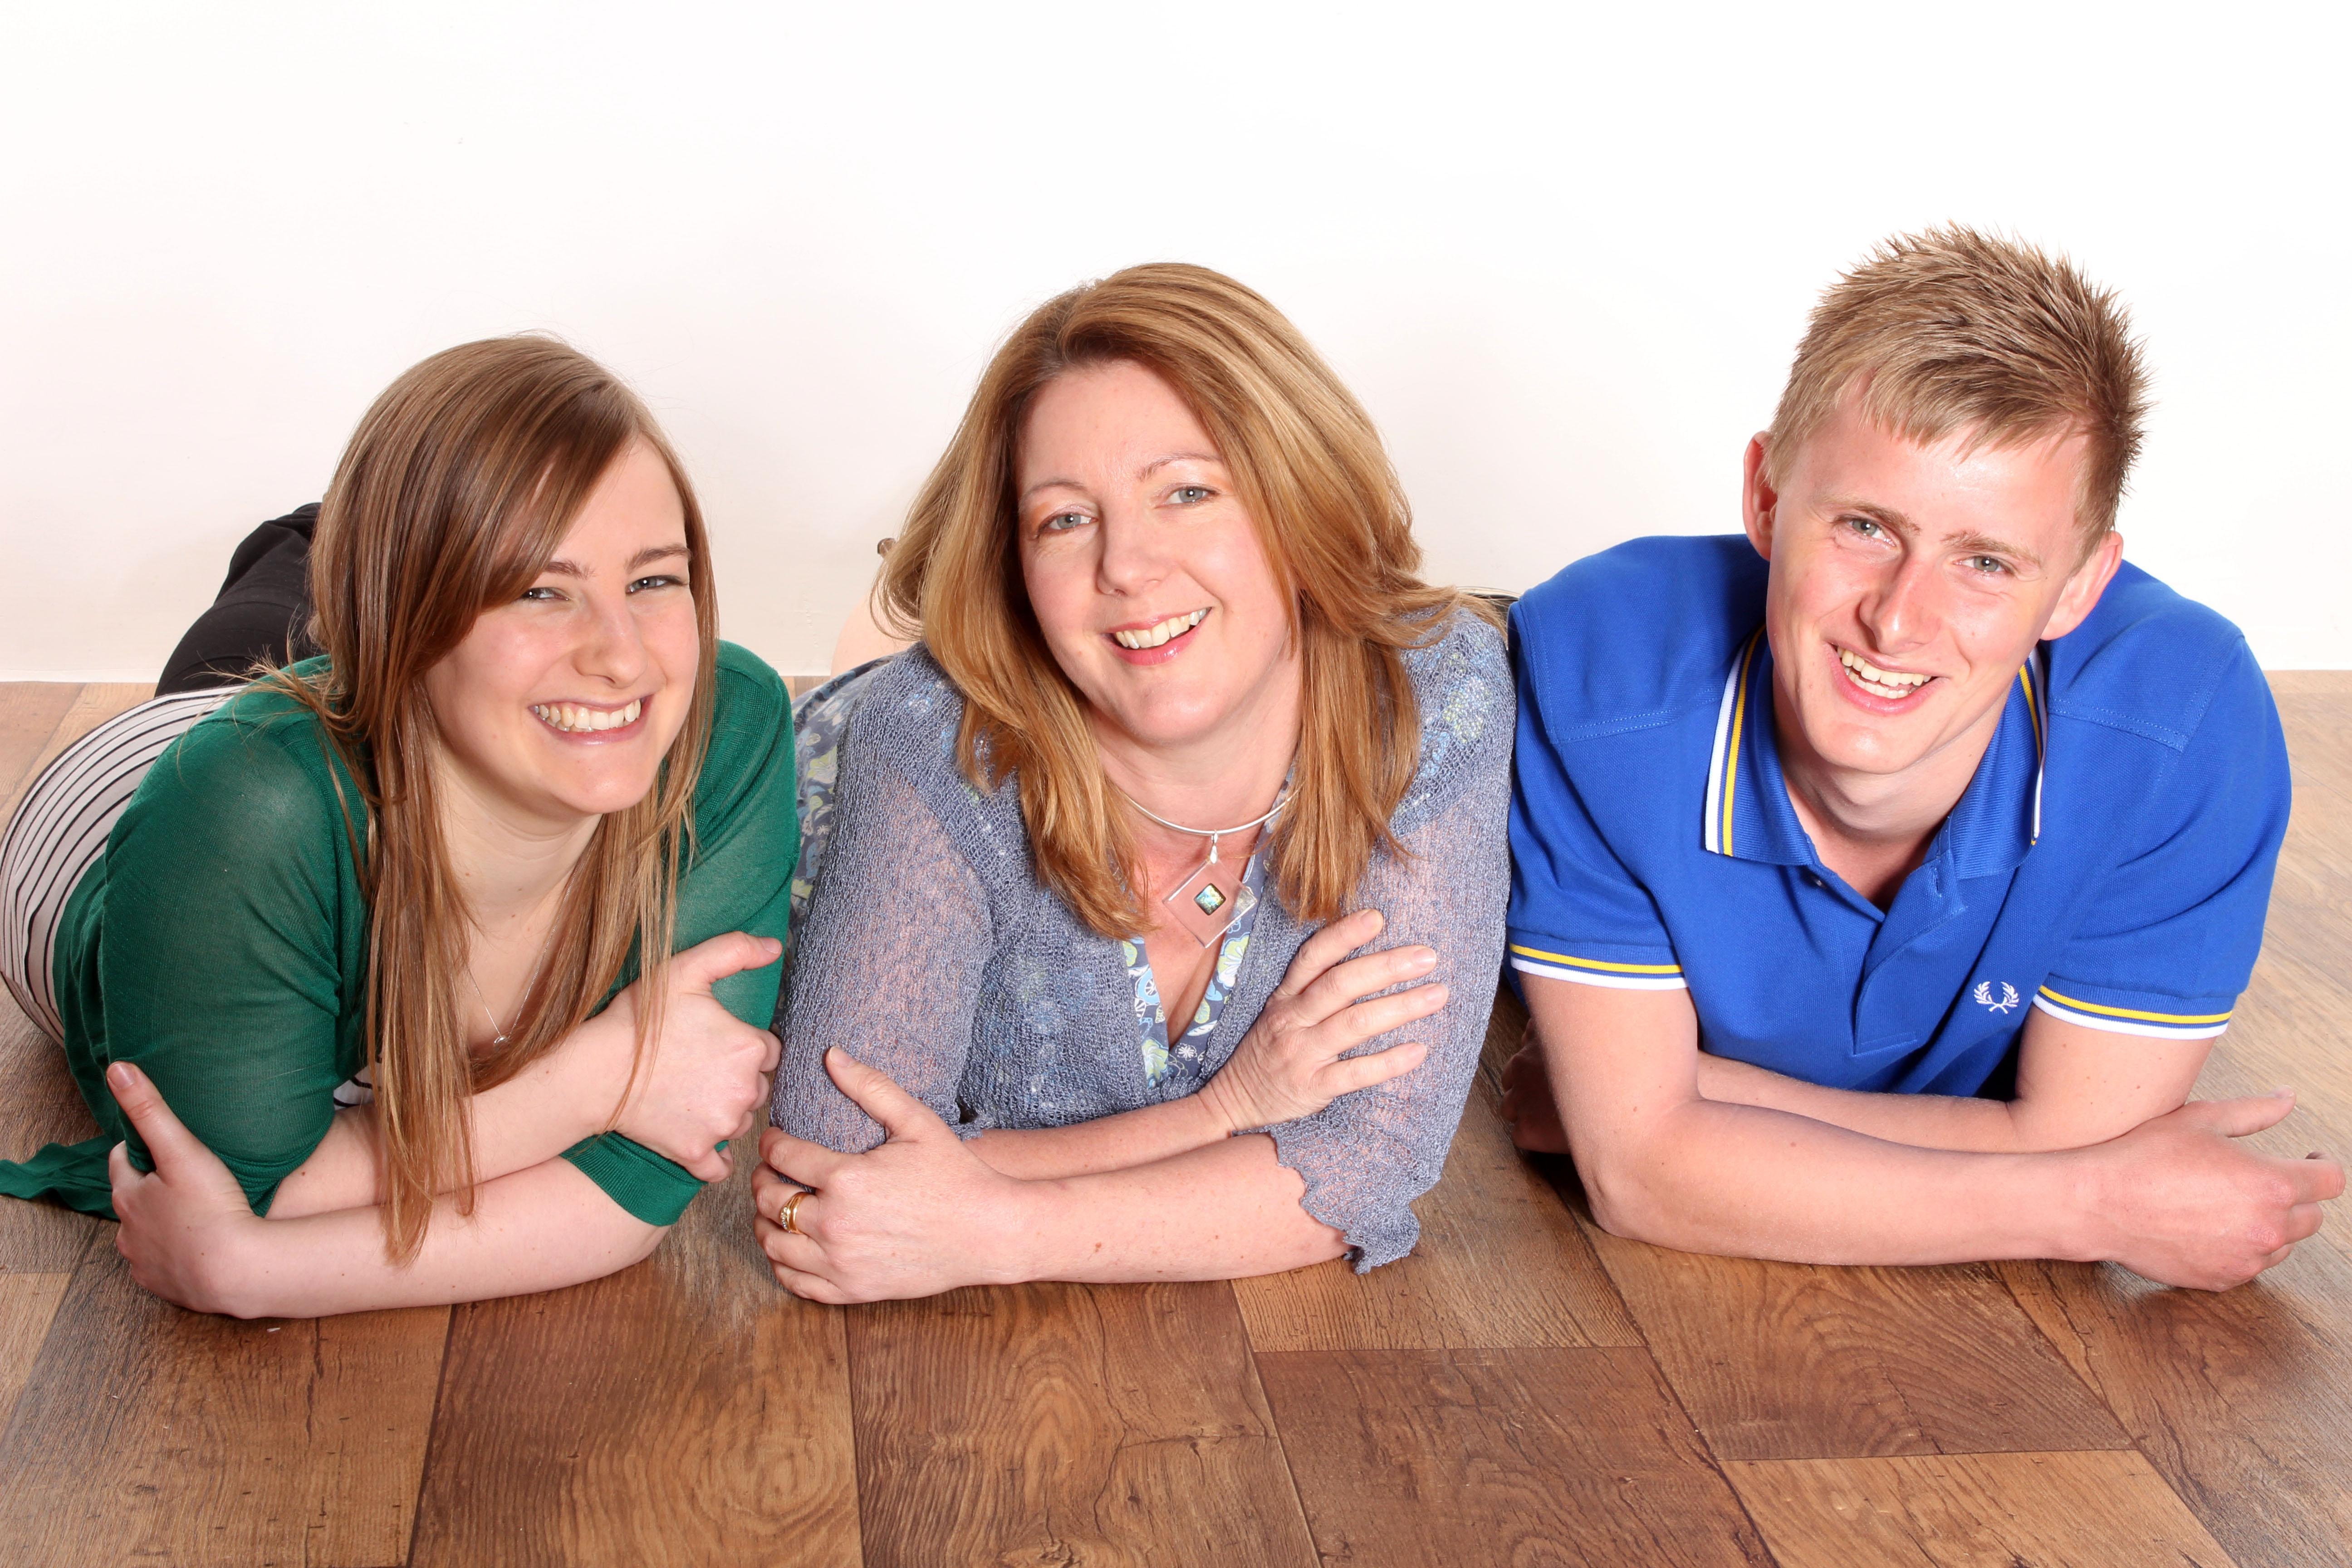 Family Photo Shoot Family Photo Shoot Suffolk Suffolk Photo Studiosuffolk Photo Studio